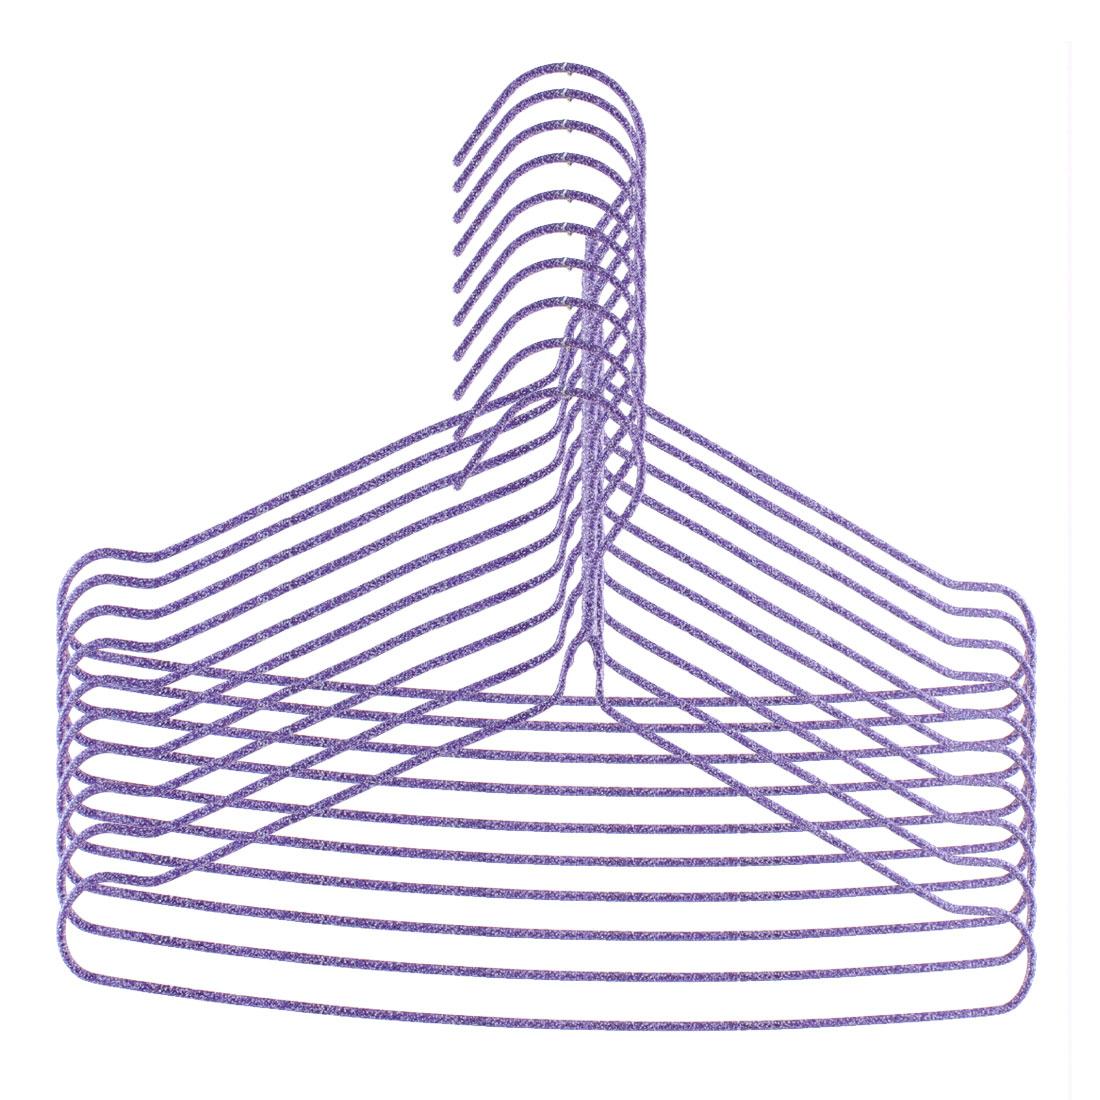 Steel Wire Tubular Plastic Coated Underwear Hanger Hook Purple 10 Pcs